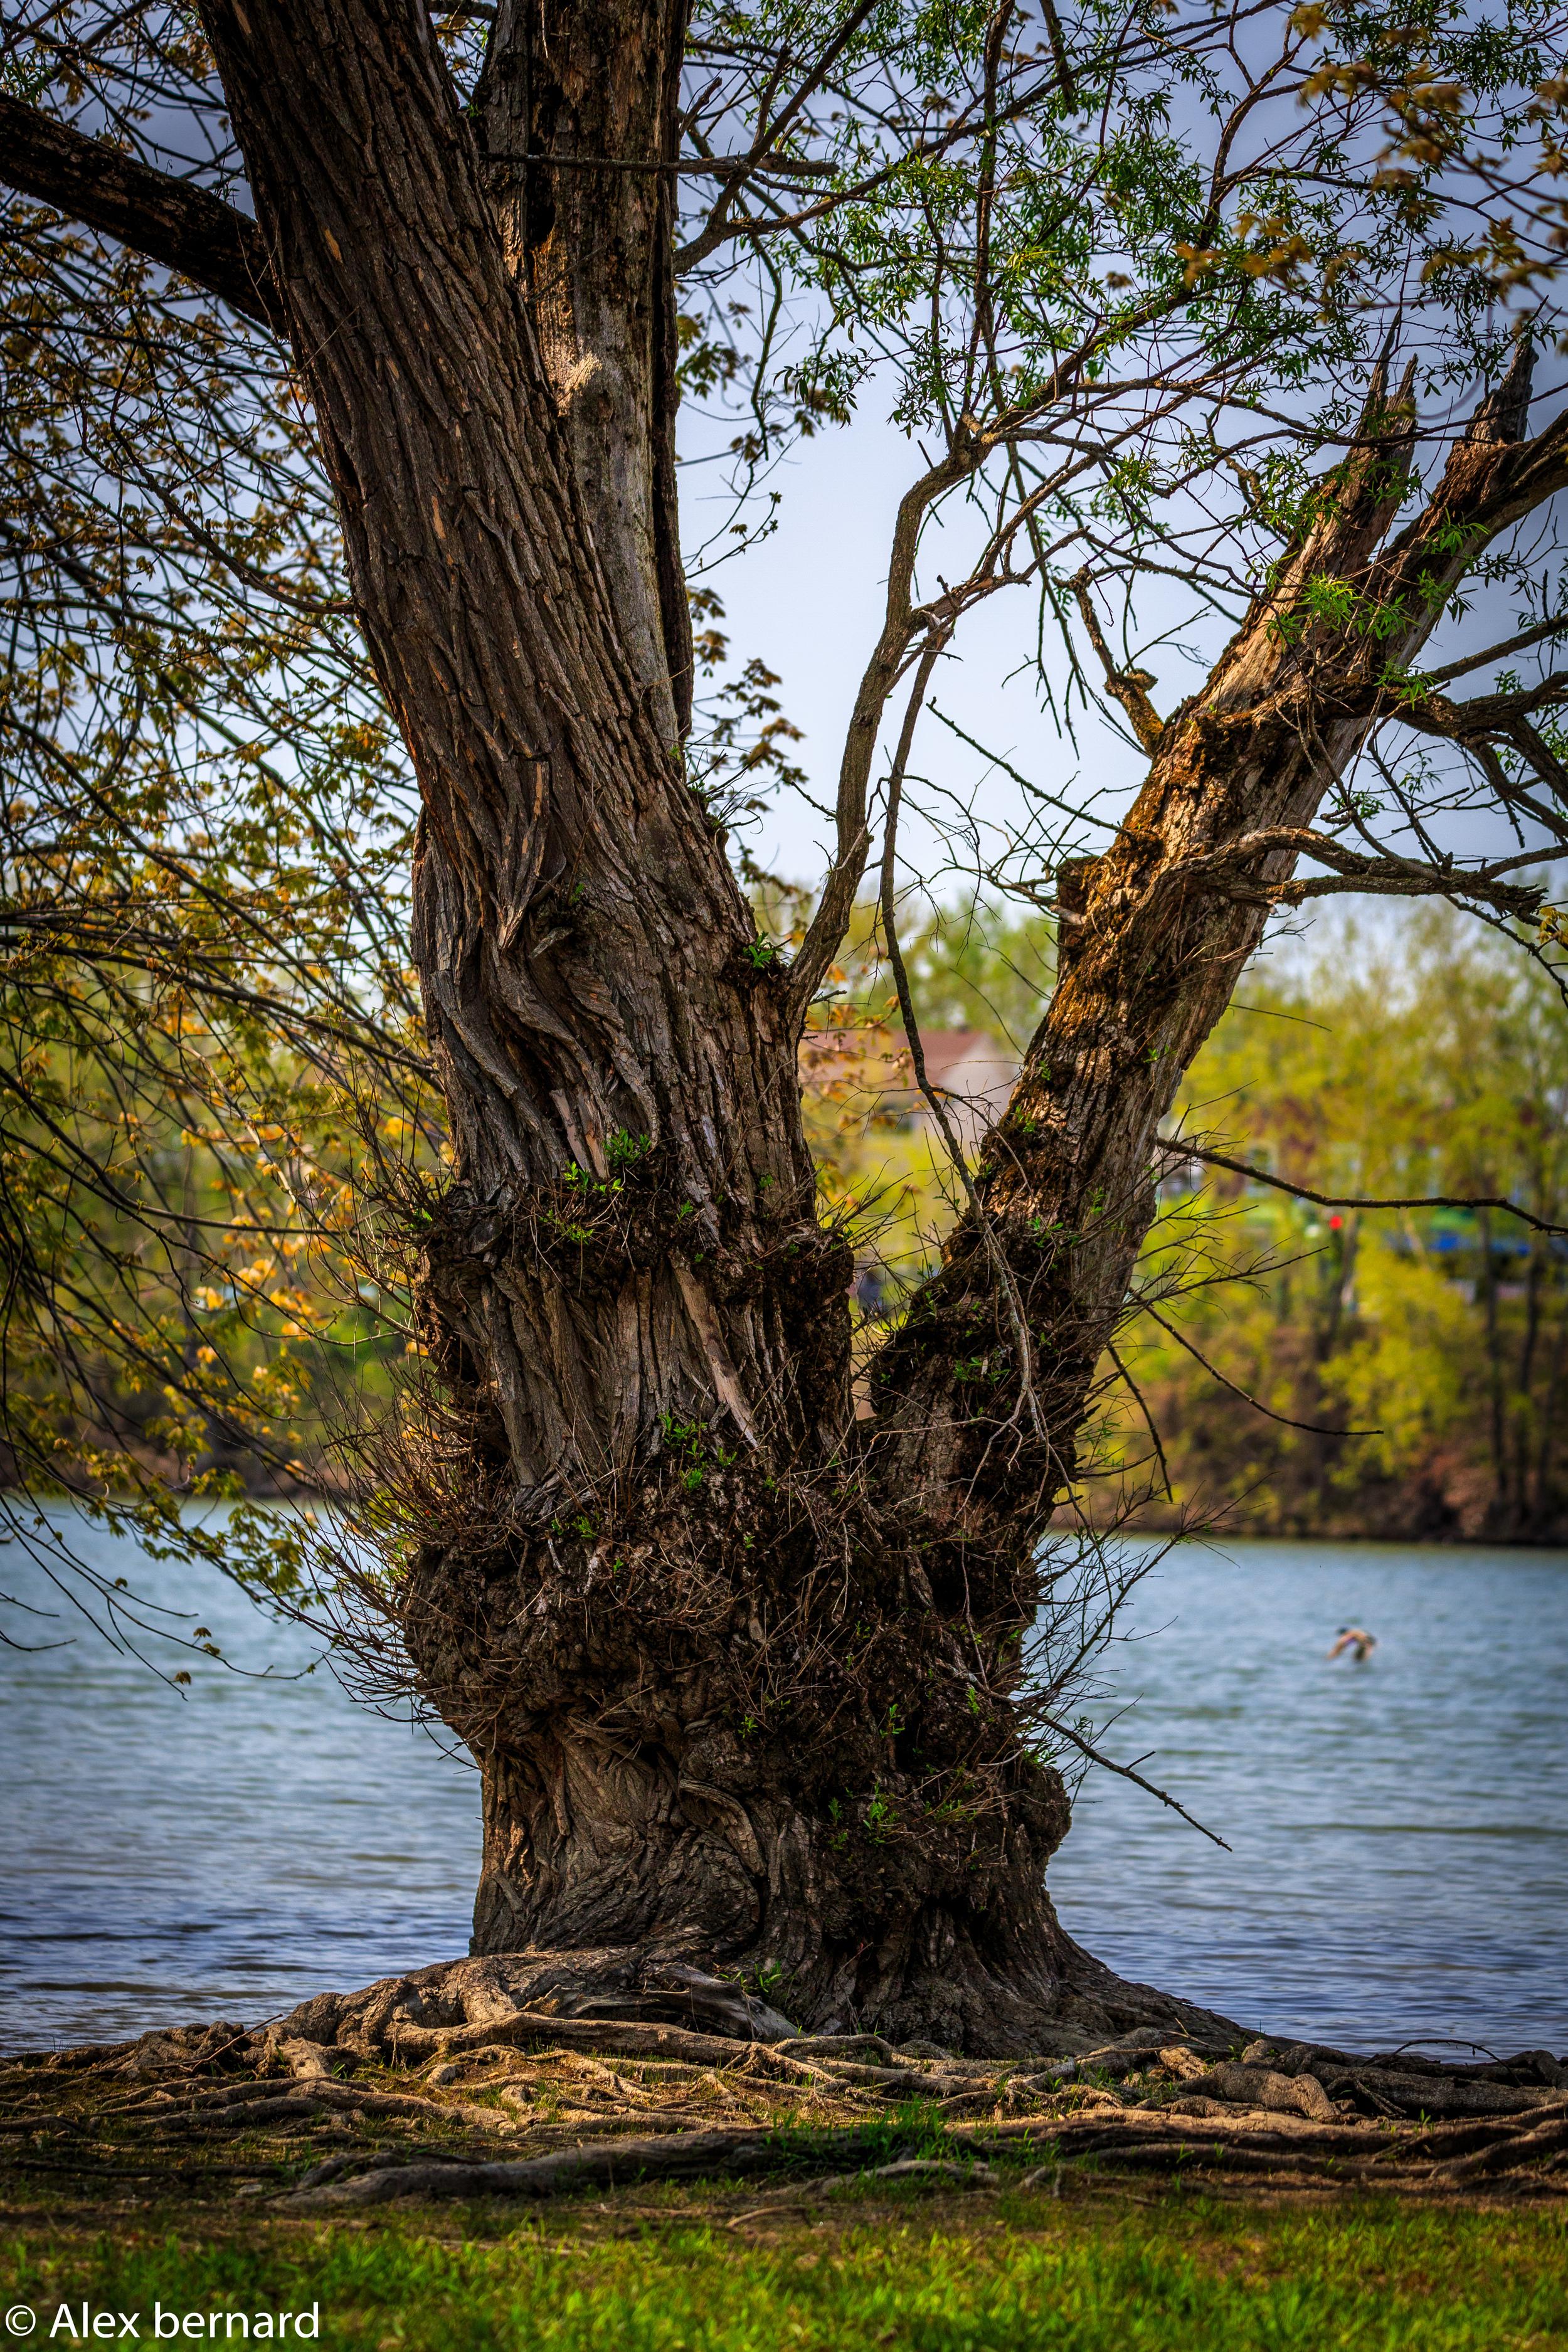 Je ne sais pas pour vous, mais je trouve ce vieil arbre fascinant. Je me demande bien quel âge il a. Une chose est certaine, il présente une forme pour le moins spéciale avec son écorce boursouflée. Pour les amateurs du Seigneur des anneaux, il me fait penser à un ent, ces vieilles créatures à mi-chemin entre les arbres et les hommes. Ou peut-être est-ce une ent-femme qui sommeille? On croirait presque pouvoir discerner un visage à sa base.